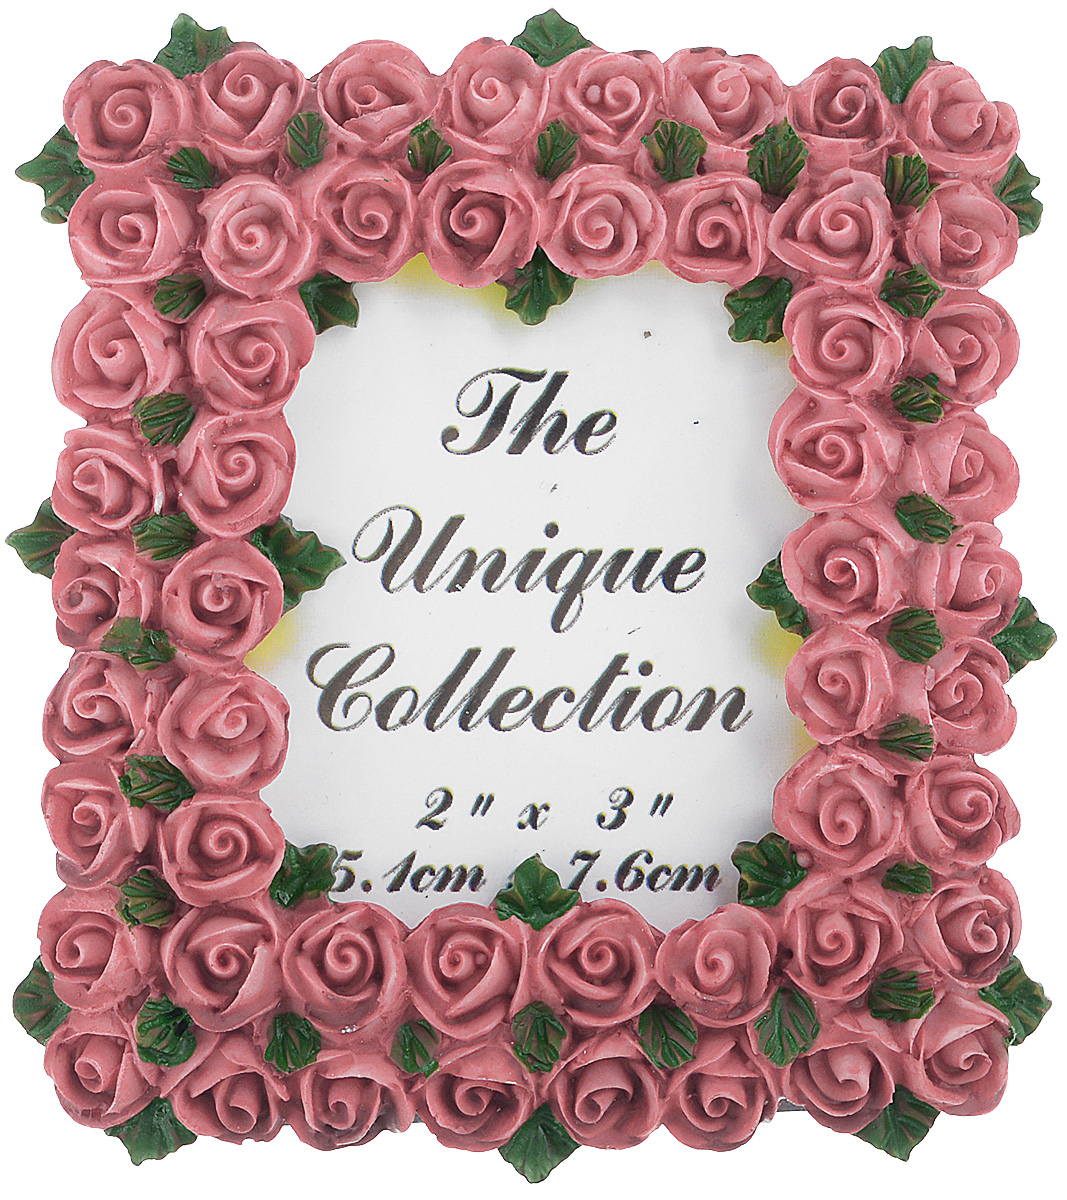 Декоративная фоторамка Home Queen Букет роз, цвет: бледно-розовый, 5,1 х 7,6 смTHN132NДекоративная фоторамка Home Queen Букет роз поможет вам оригинально дополнить интерьер помещения. Фоторамка декорирована изображением роз. Задняя сторона оснащена ножкой для размещения на столе.Такая рамка позволит сохранить на память изображения дорогих вам людей и интересных событий вашей жизни, а также станет приятным подарком для каждого. Размер фотографии: 5,1 см х 7,6 см.Размер фоторамки: 8 см х 8,5 см.